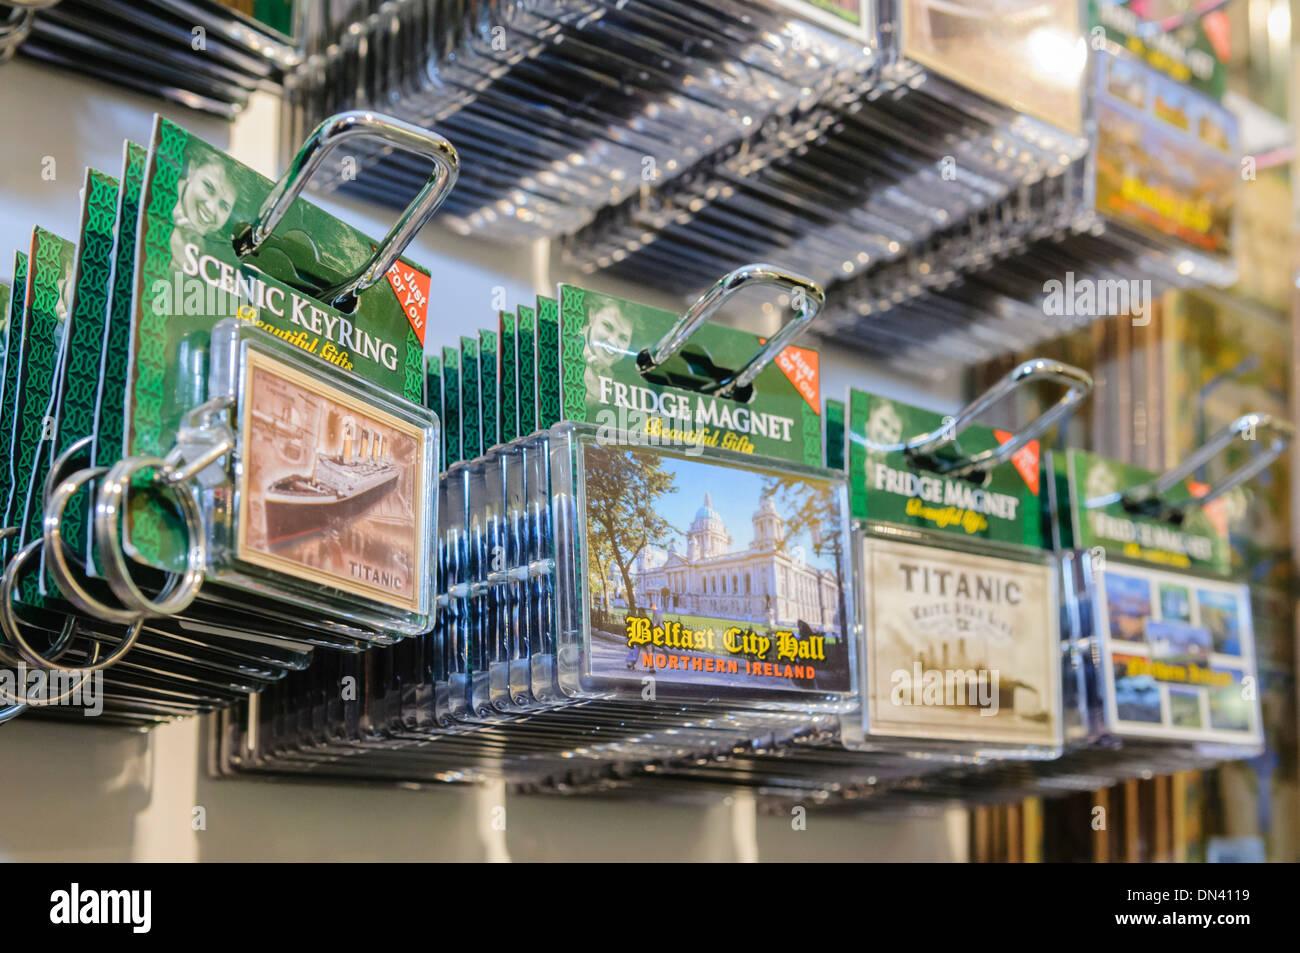 Keyring e magneti per il frigo con vari temi locali in vendita in un negozio di souvenir a Belfast, Irlanda del Nord Immagini Stock